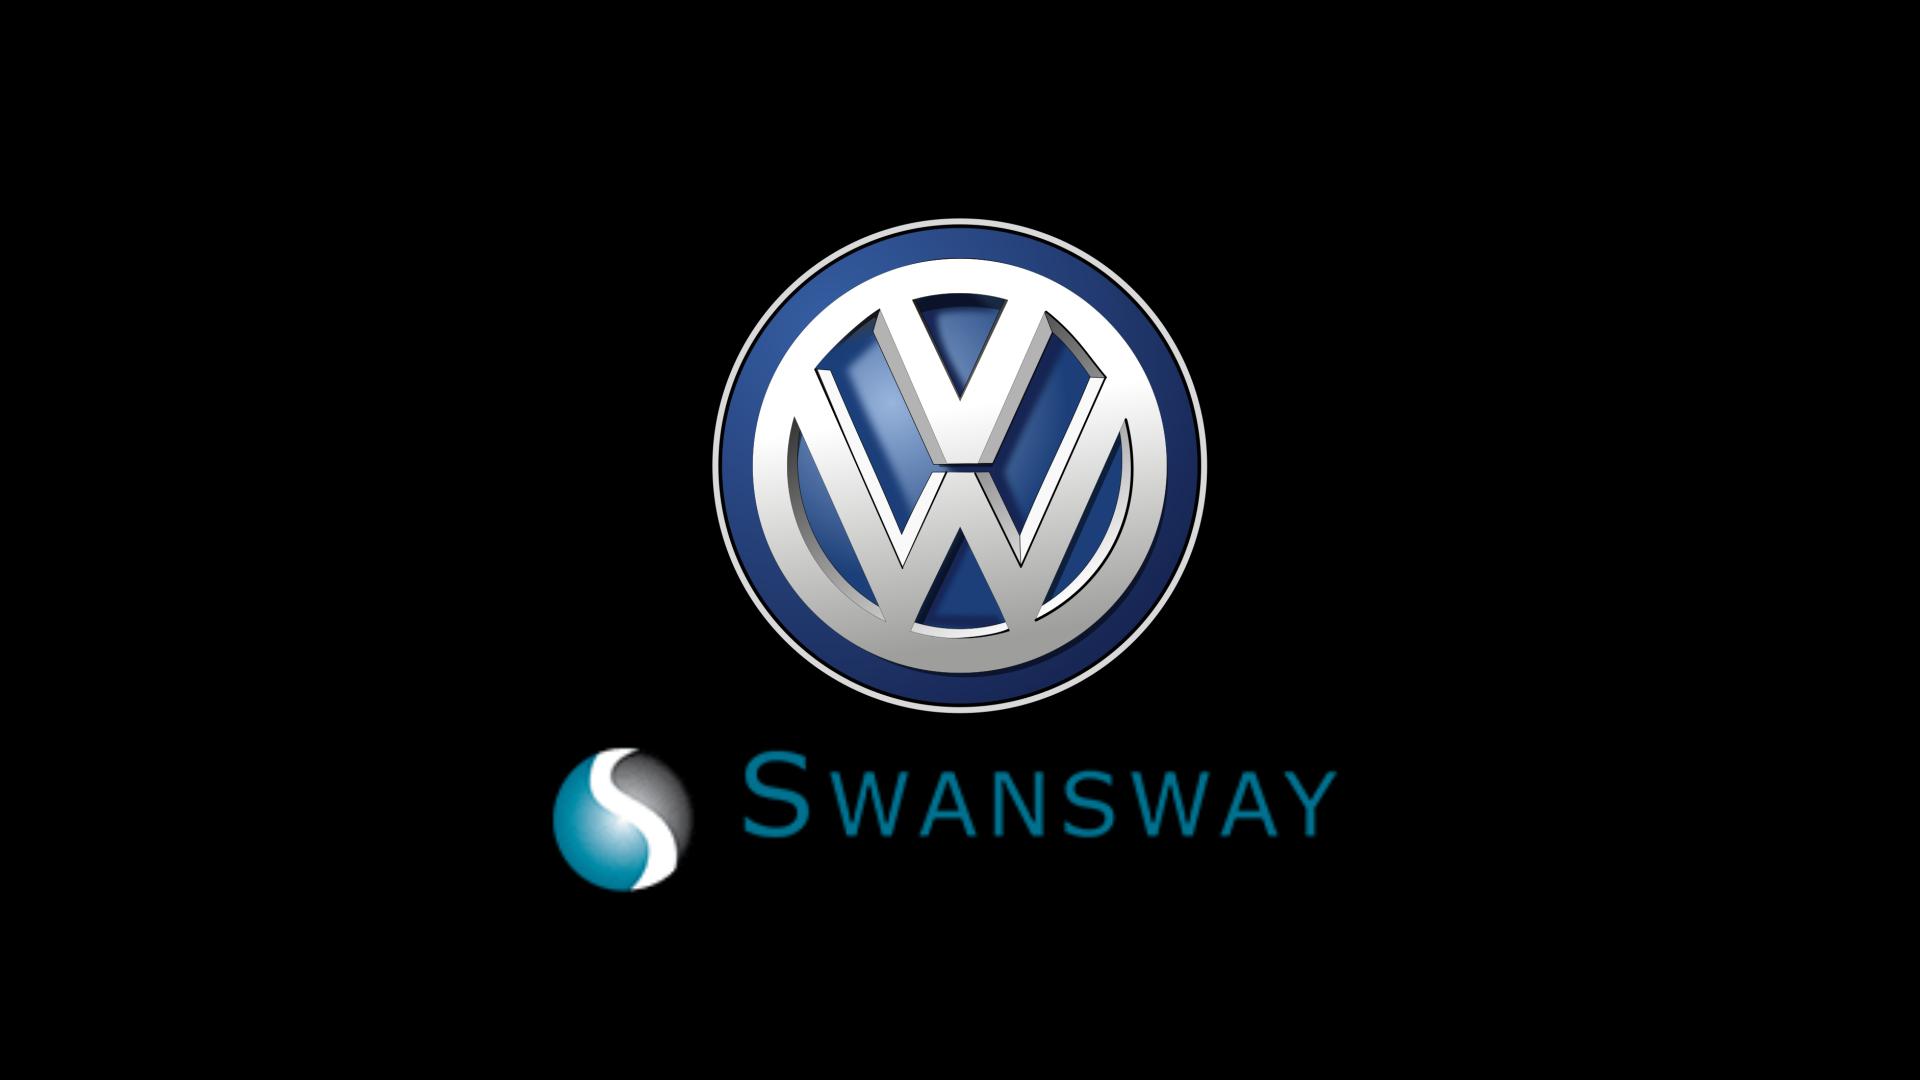 Swansway Volkswagen Crewe